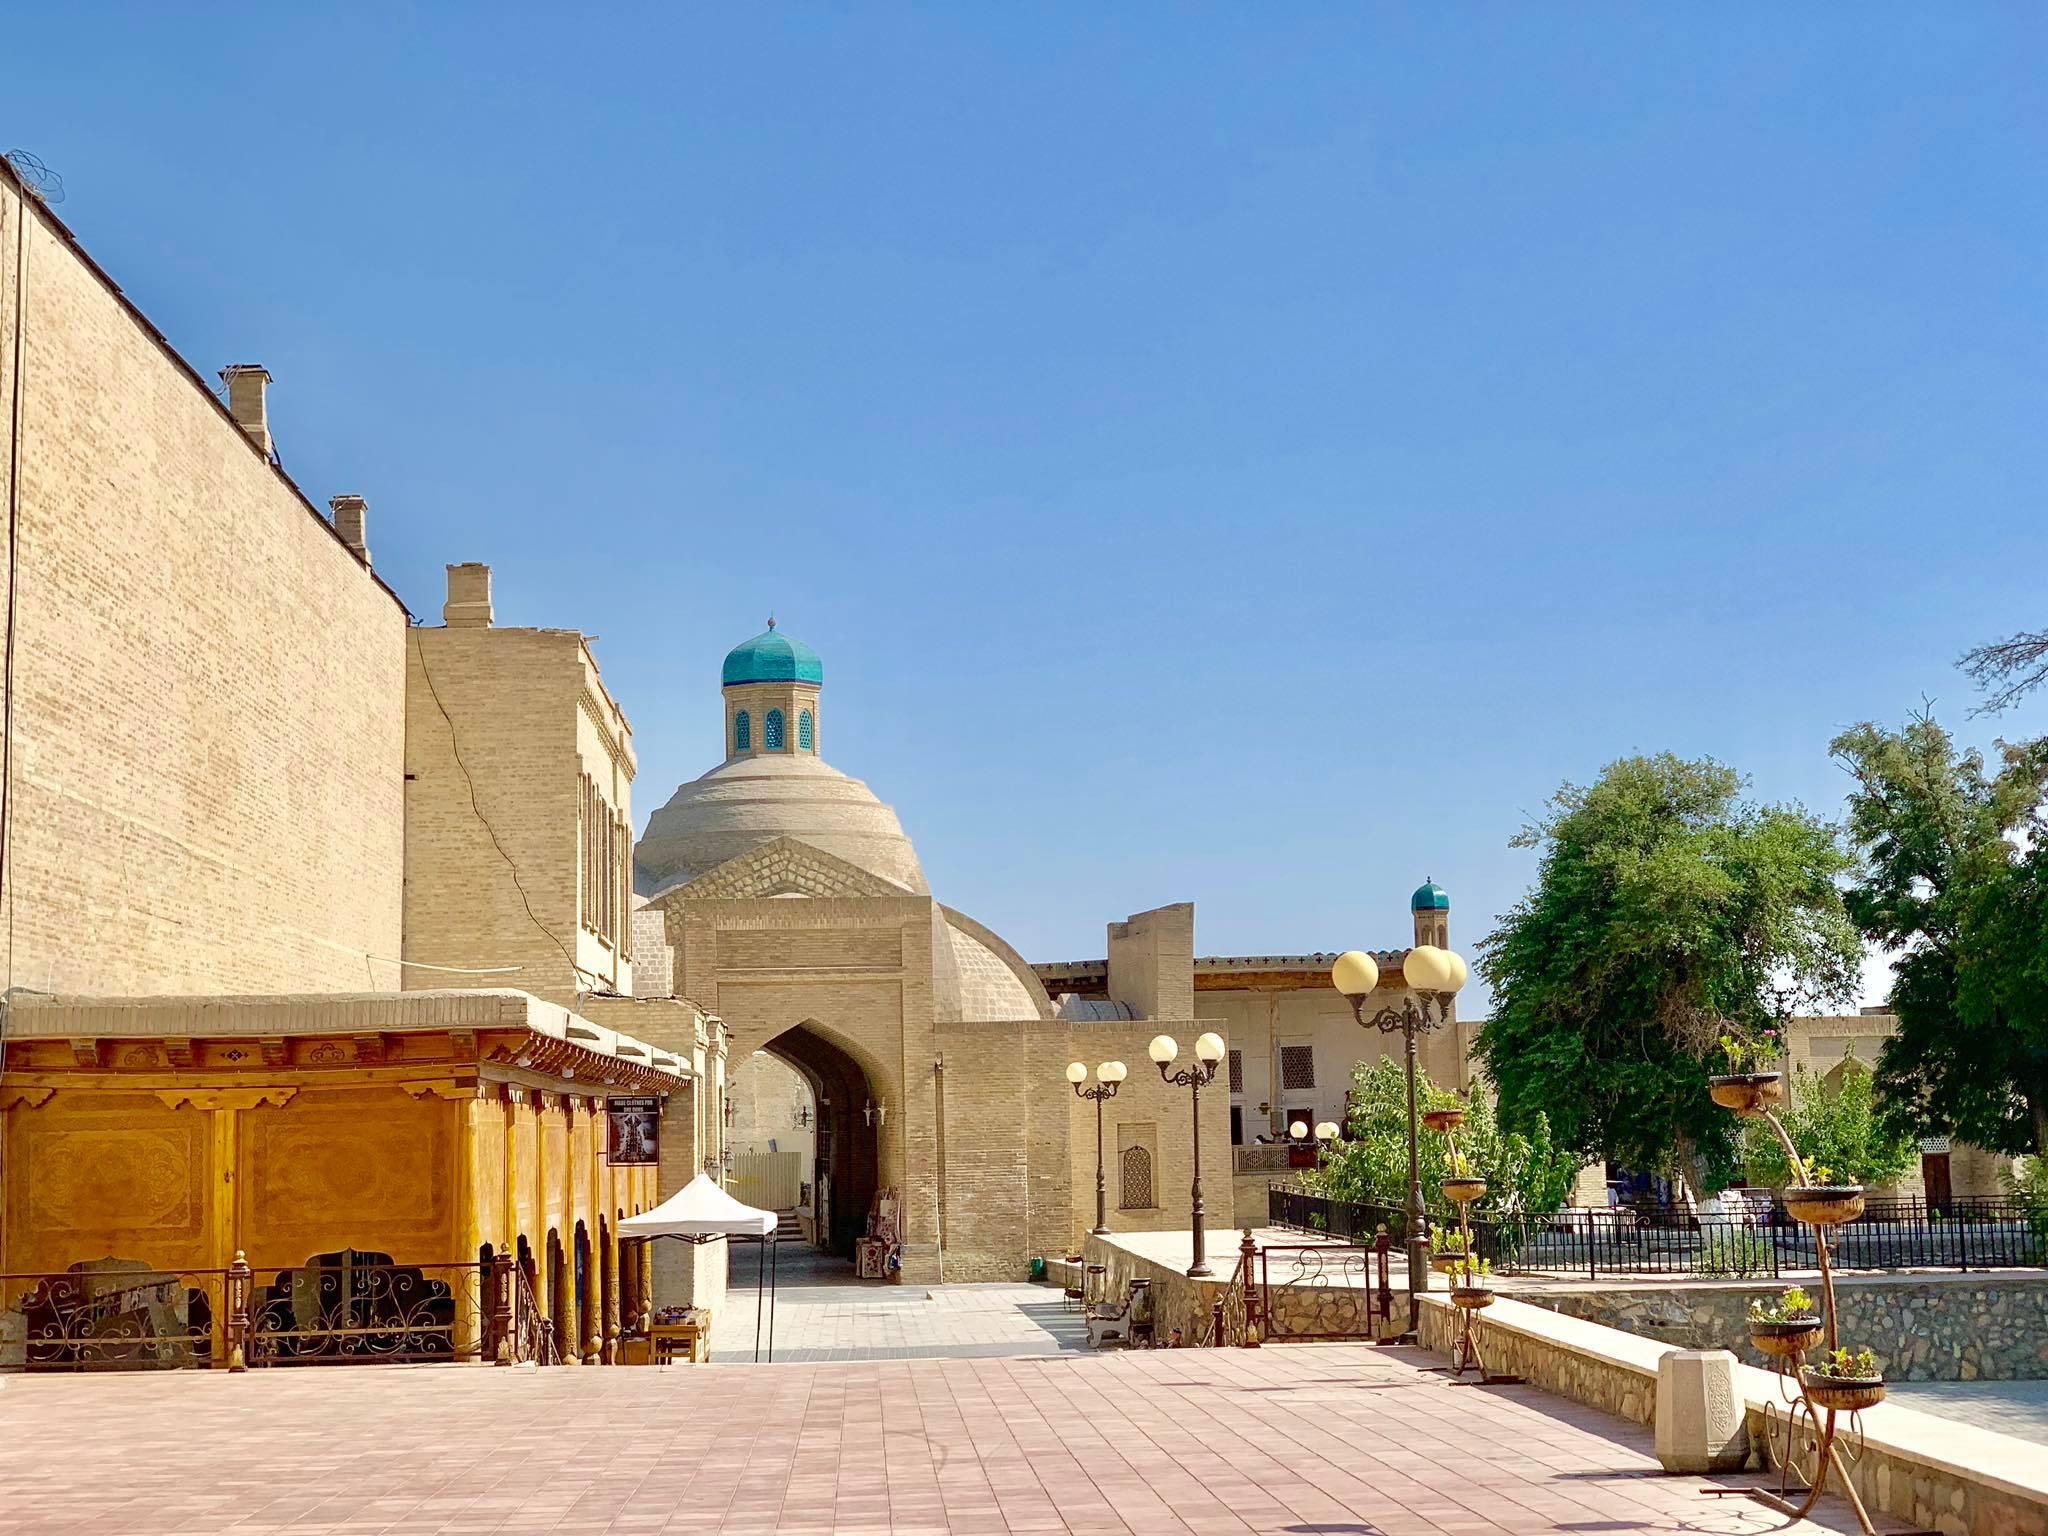 Kach Solo Travels in 2019 Last stop in Uzbekistan16.jpg